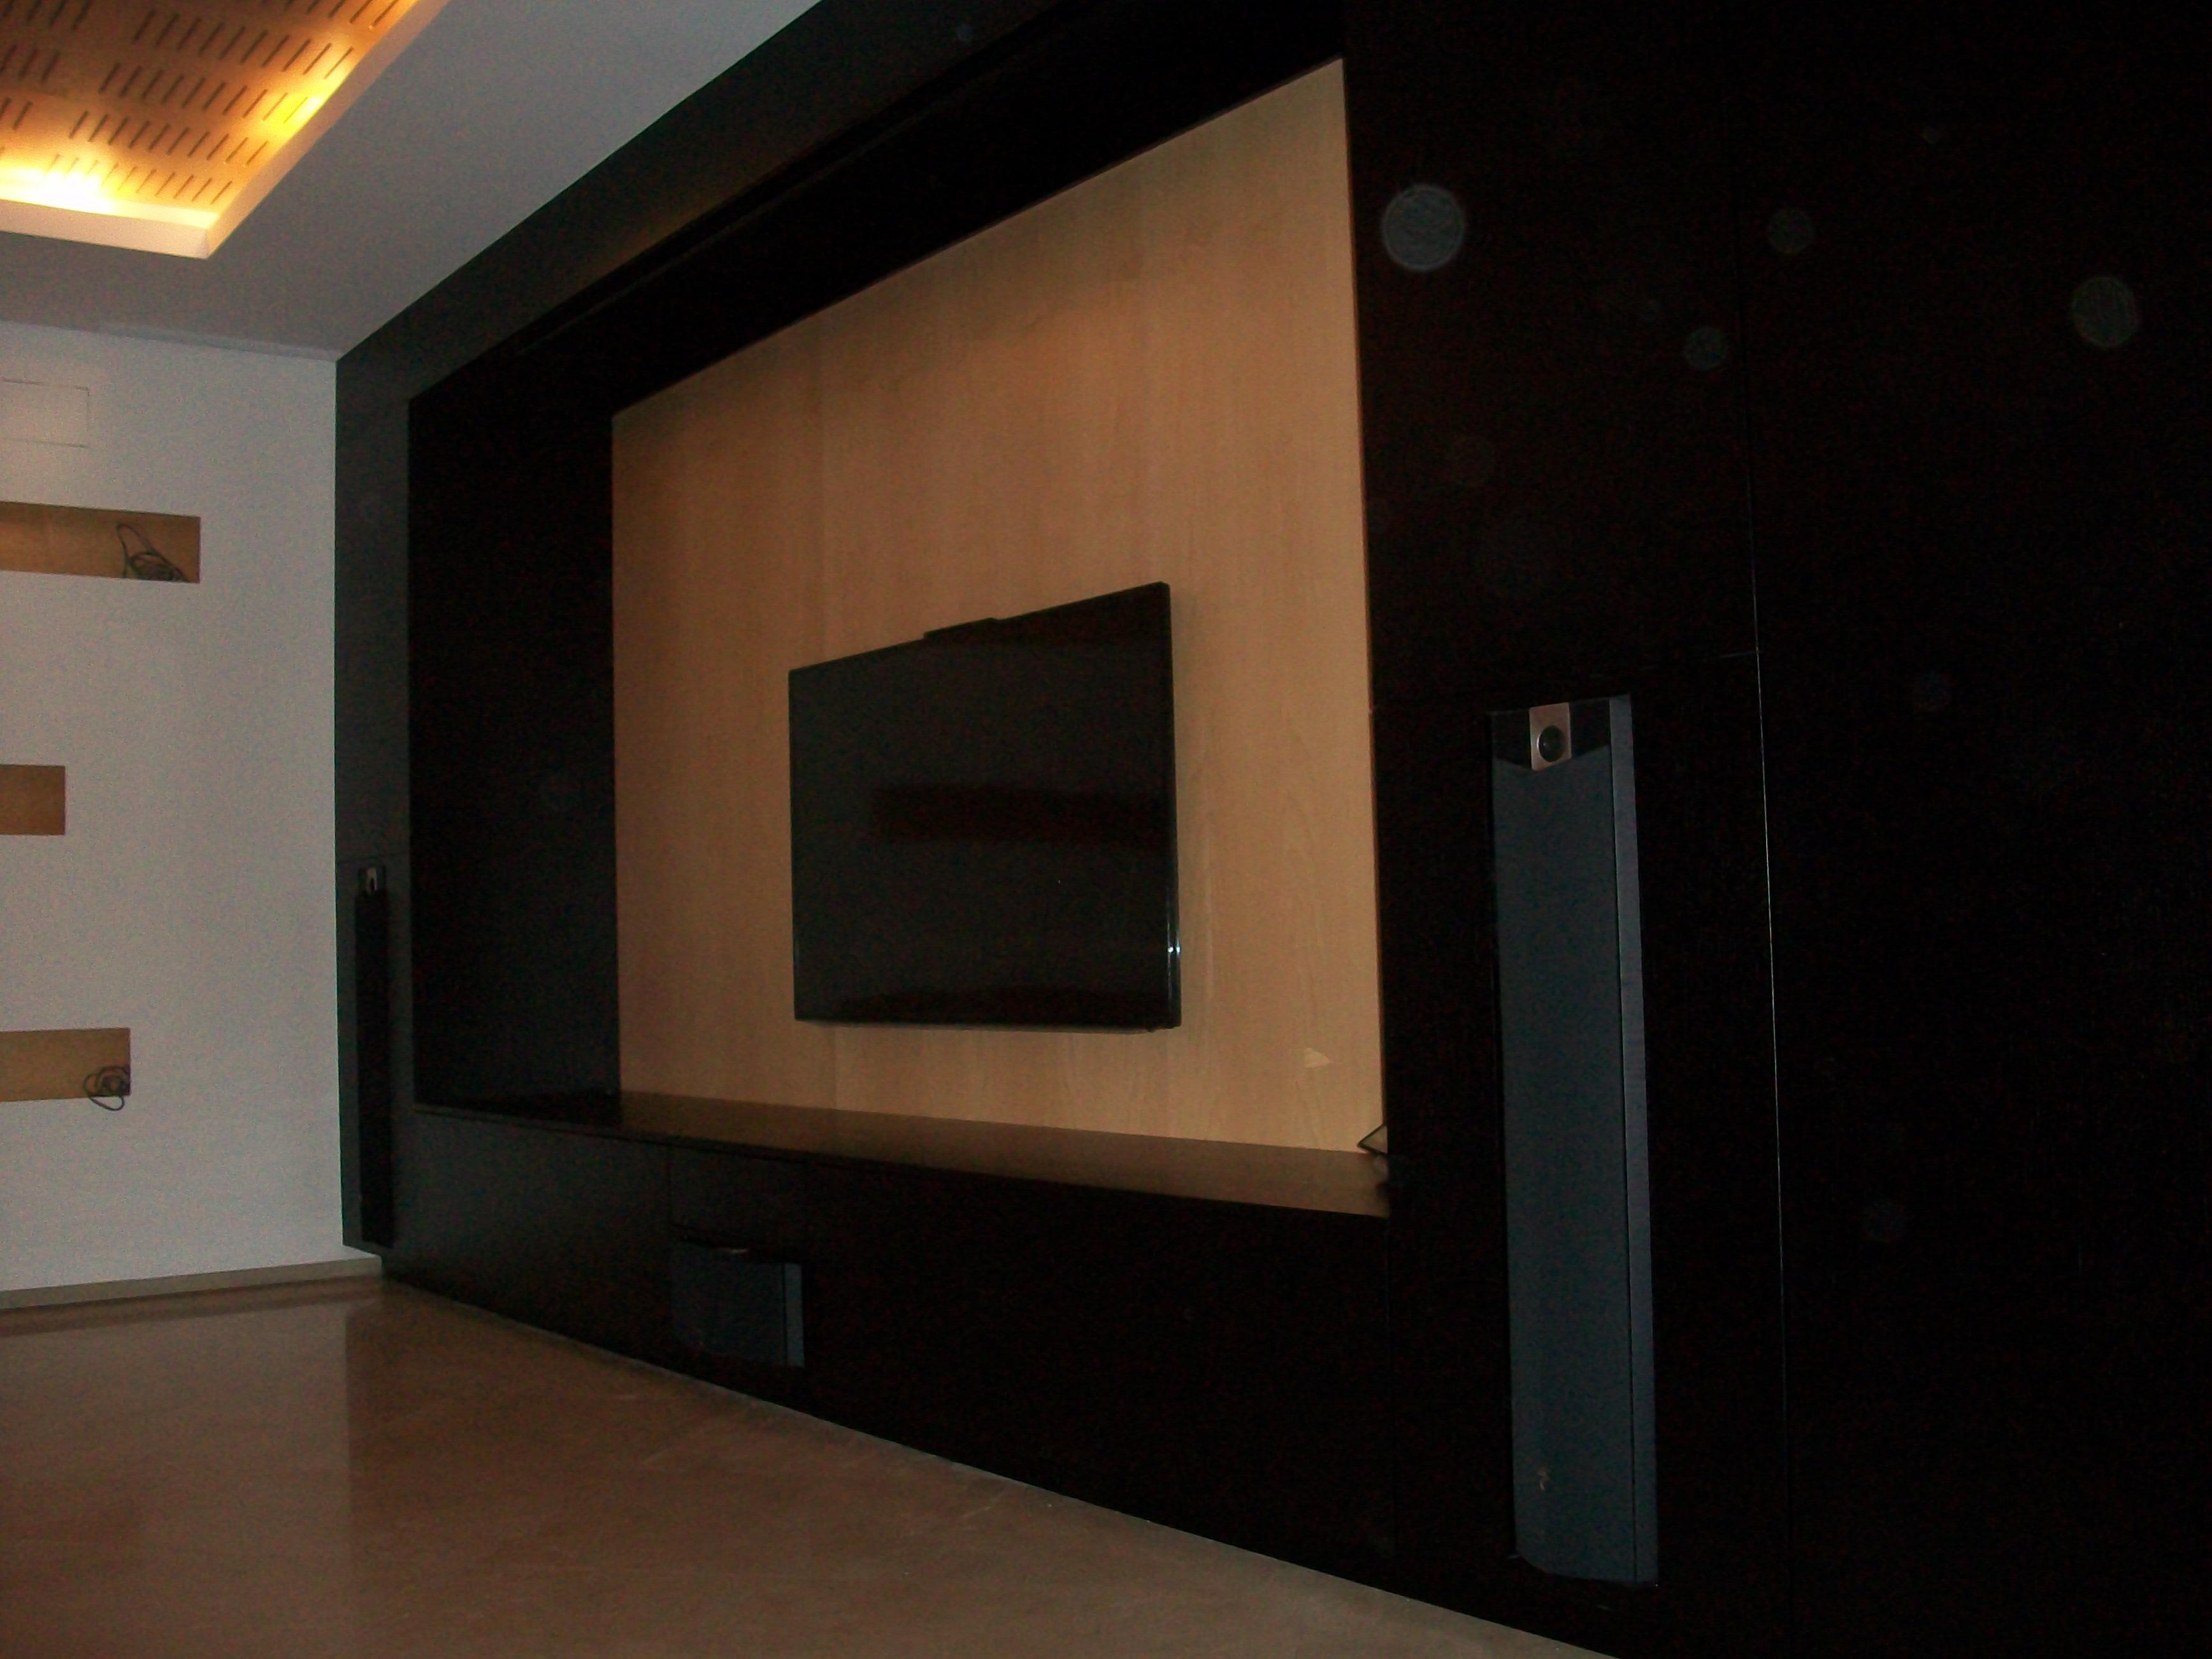 fabrica-empresas-fabricacion-muebles-salones-comedor-a-medida-en-castellon-5